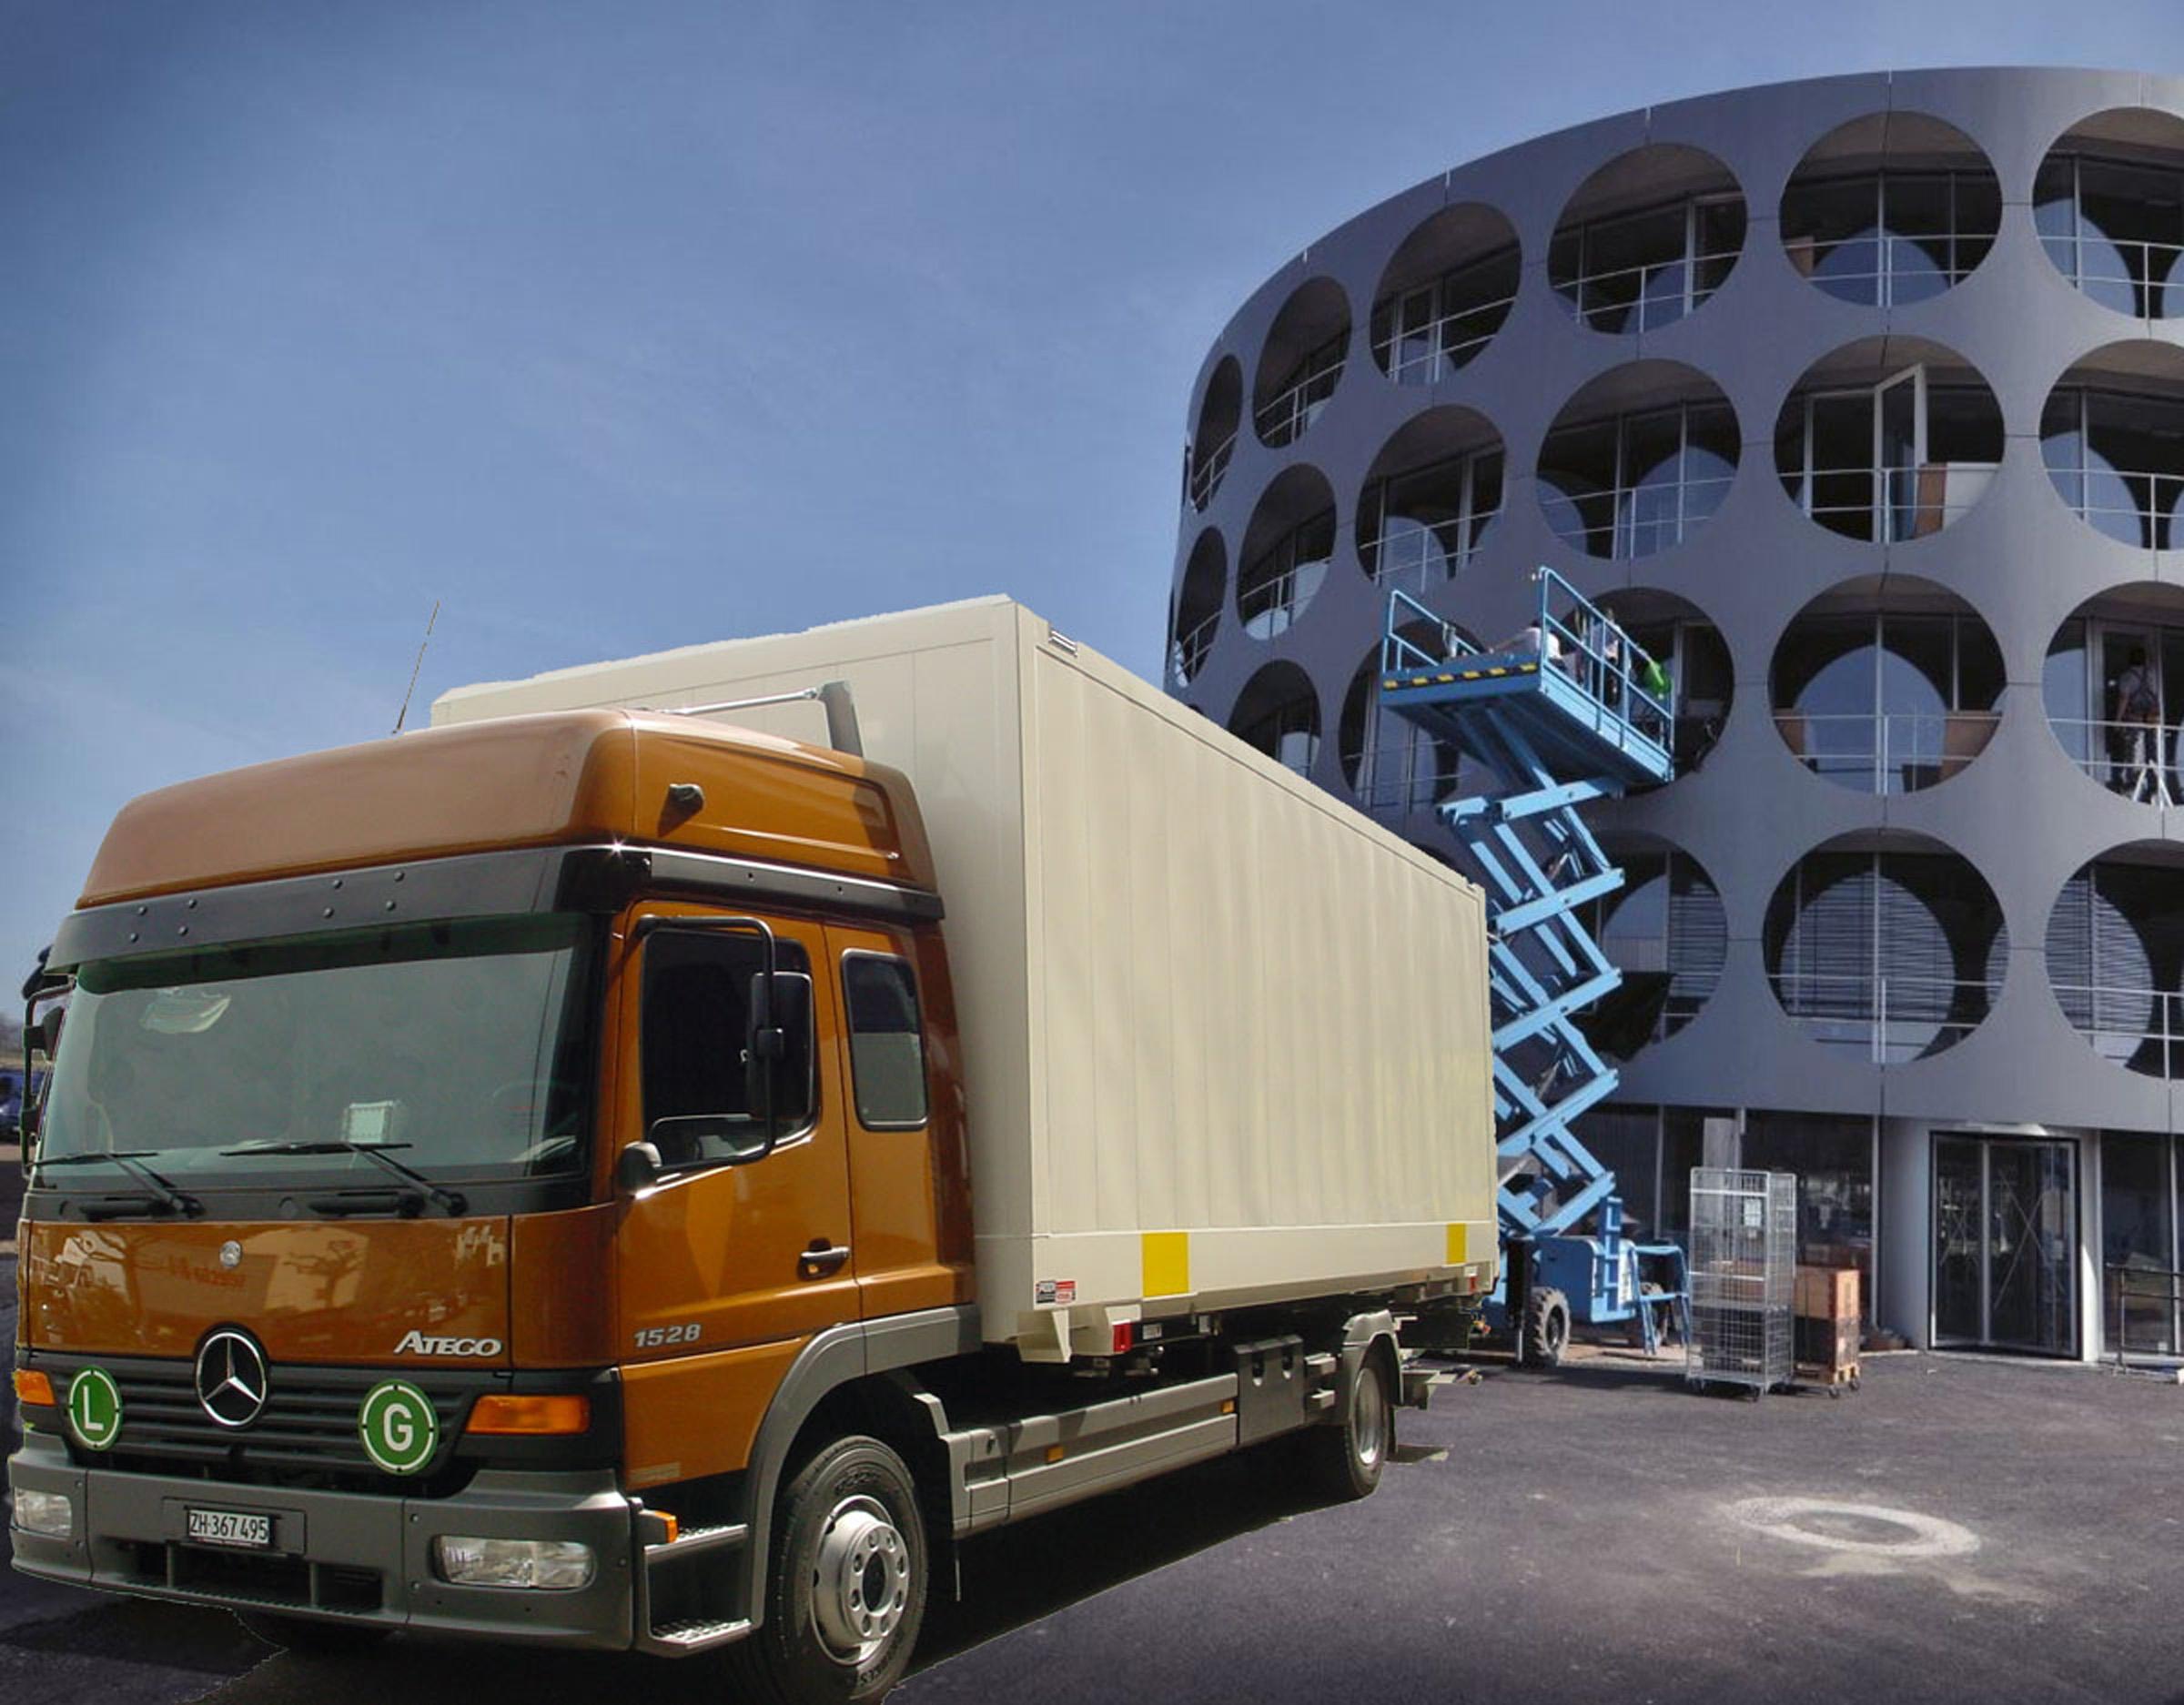 Ganz Mobeltransport Ag Offentliche Verkehrsbetriebe Bruttisellen